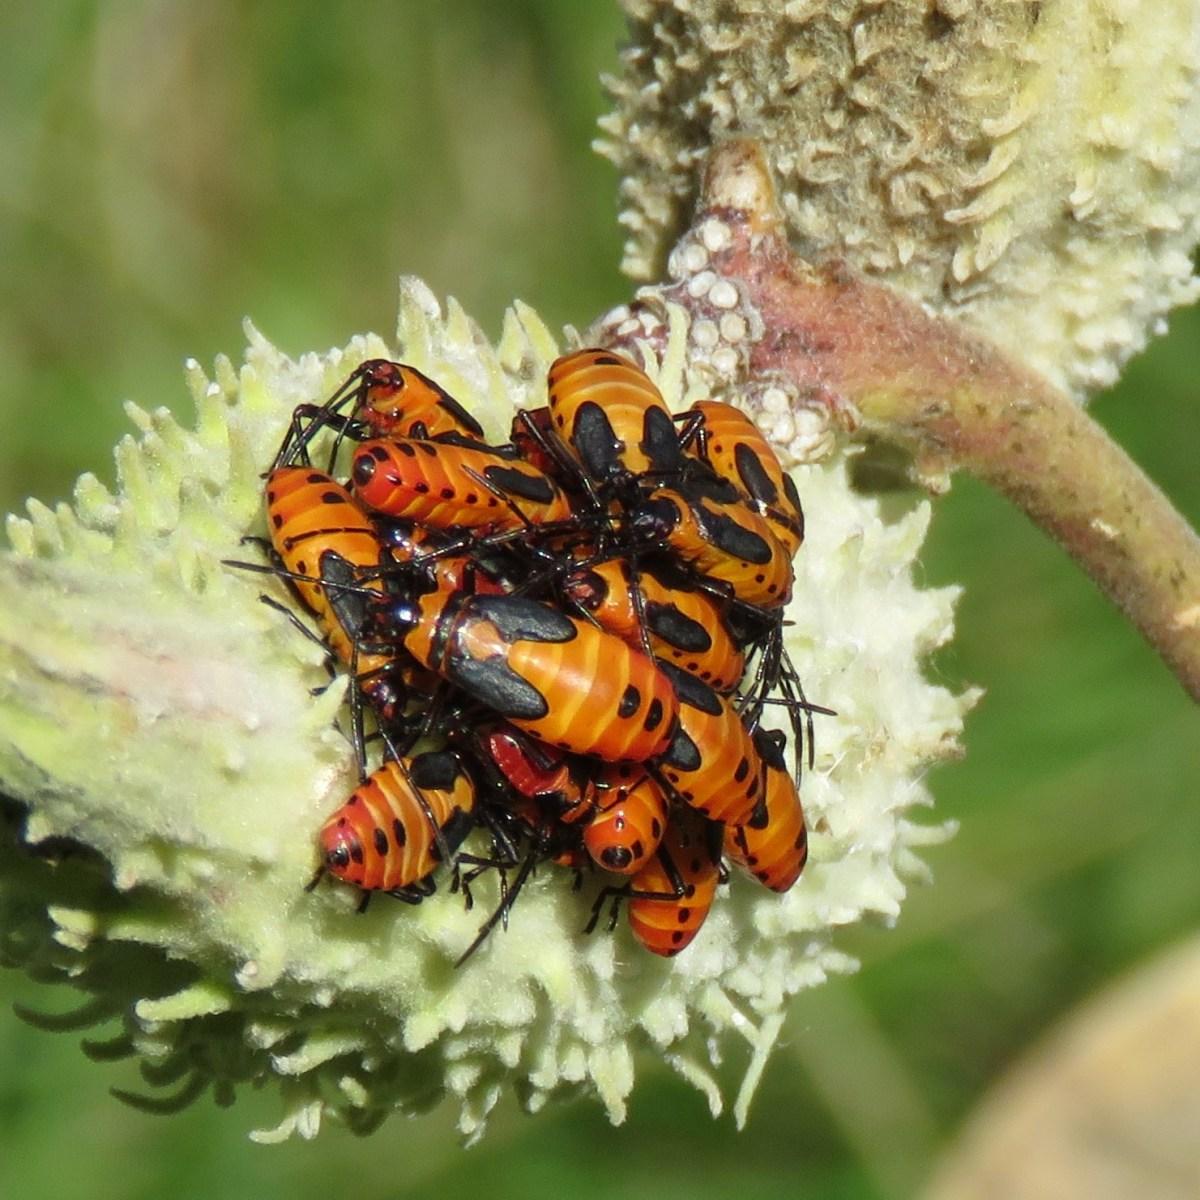 A cluster of Milkweed Bugs on a milkweed plant pod